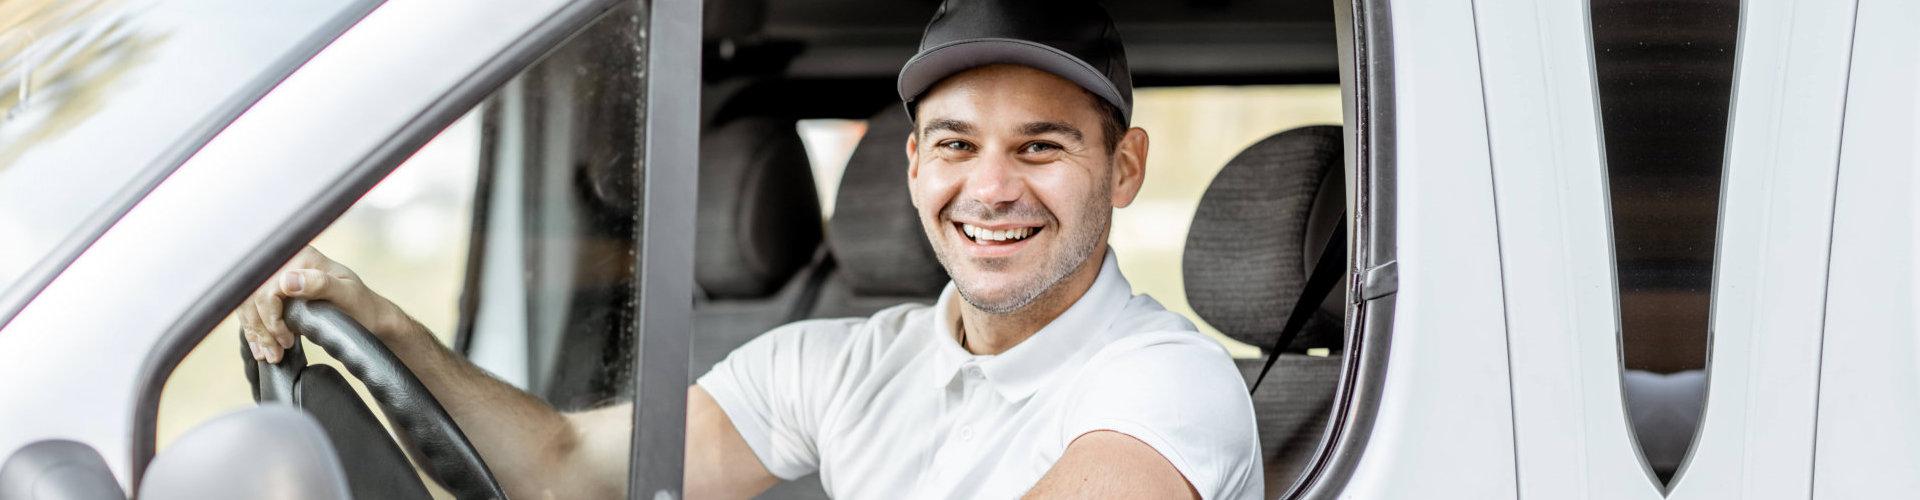 deliveryman smiling